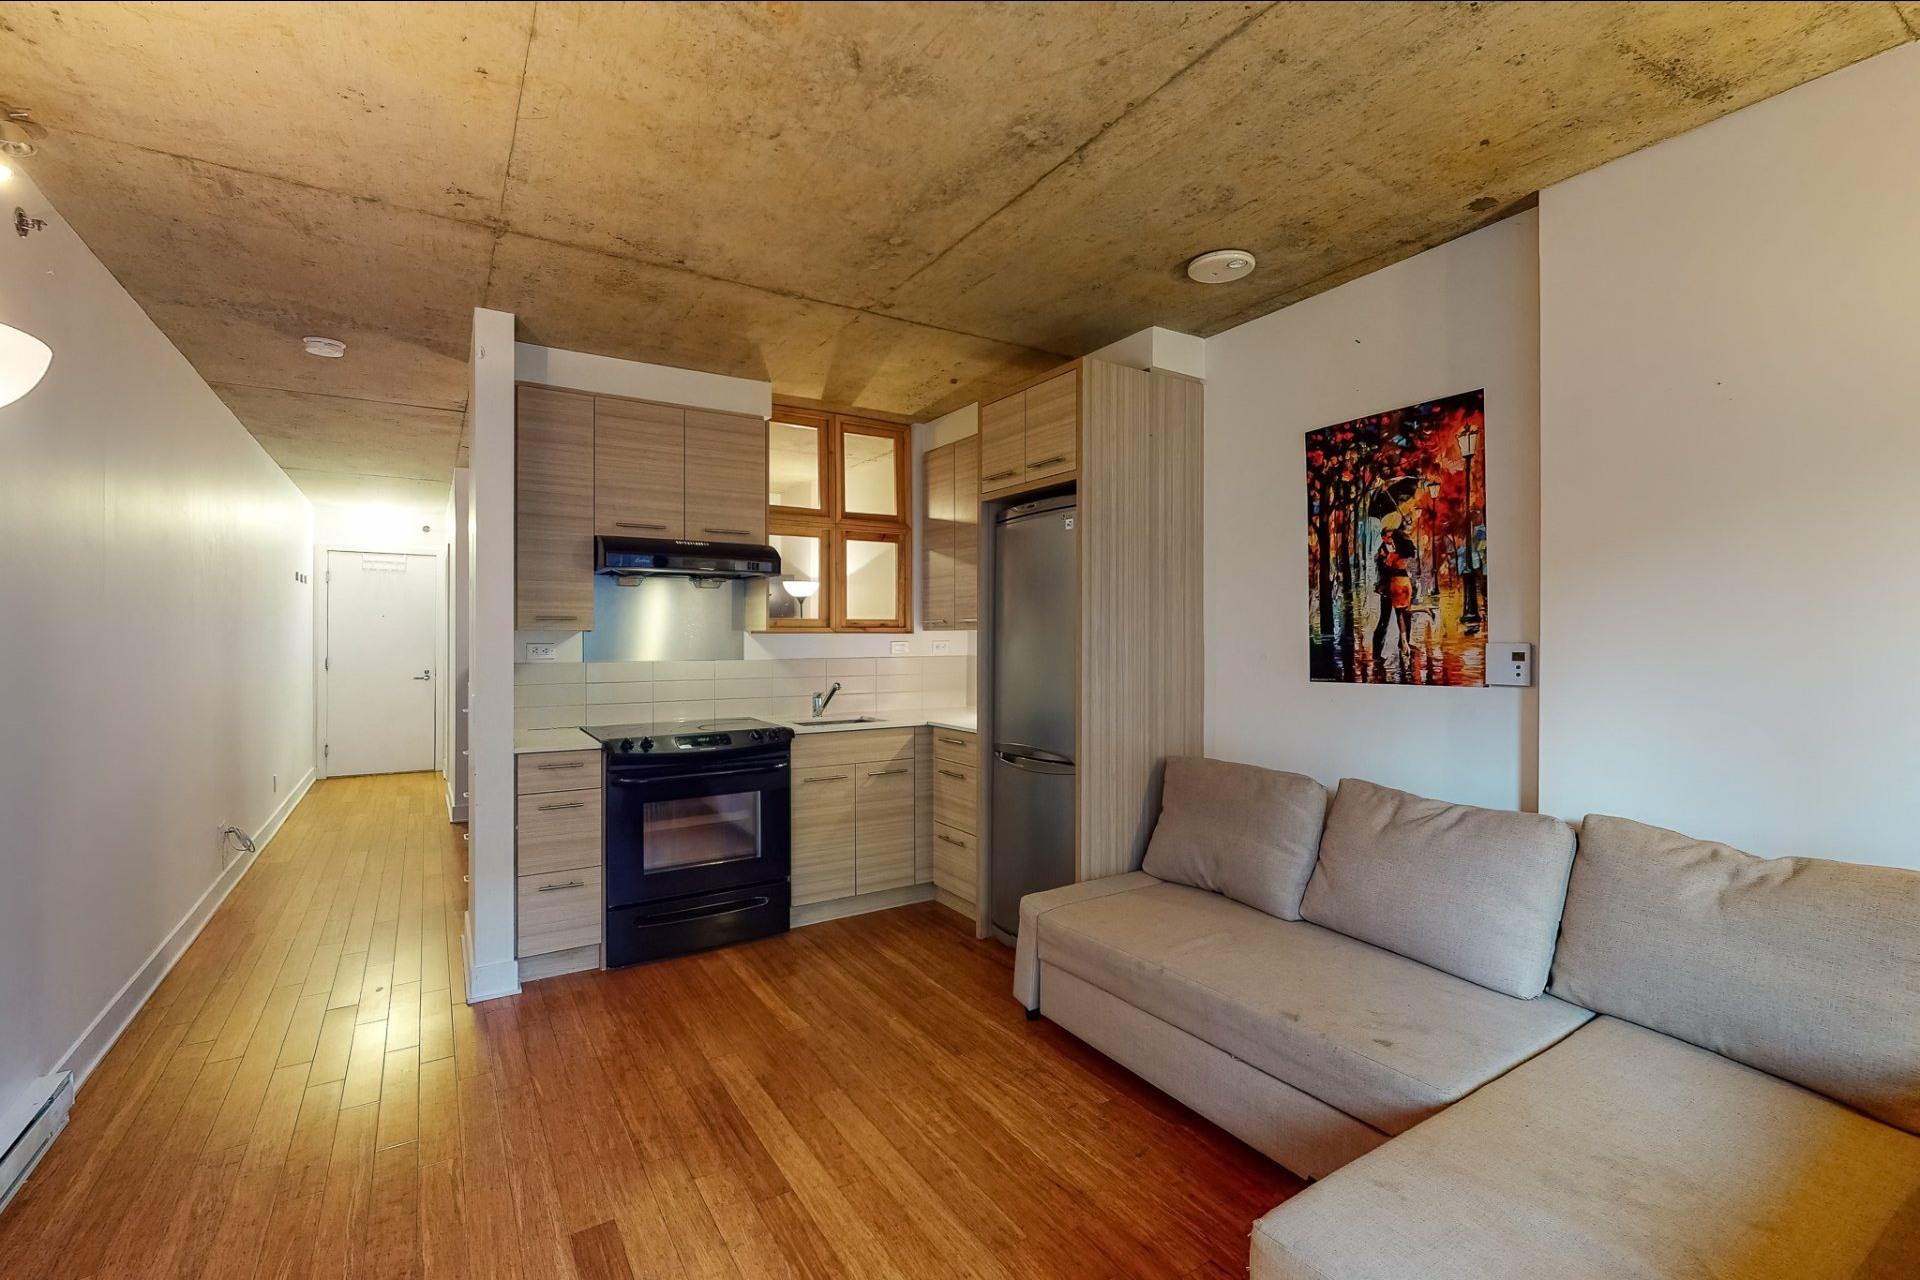 image 2 - Apartment For sale Ville-Marie Montréal  - 2 rooms